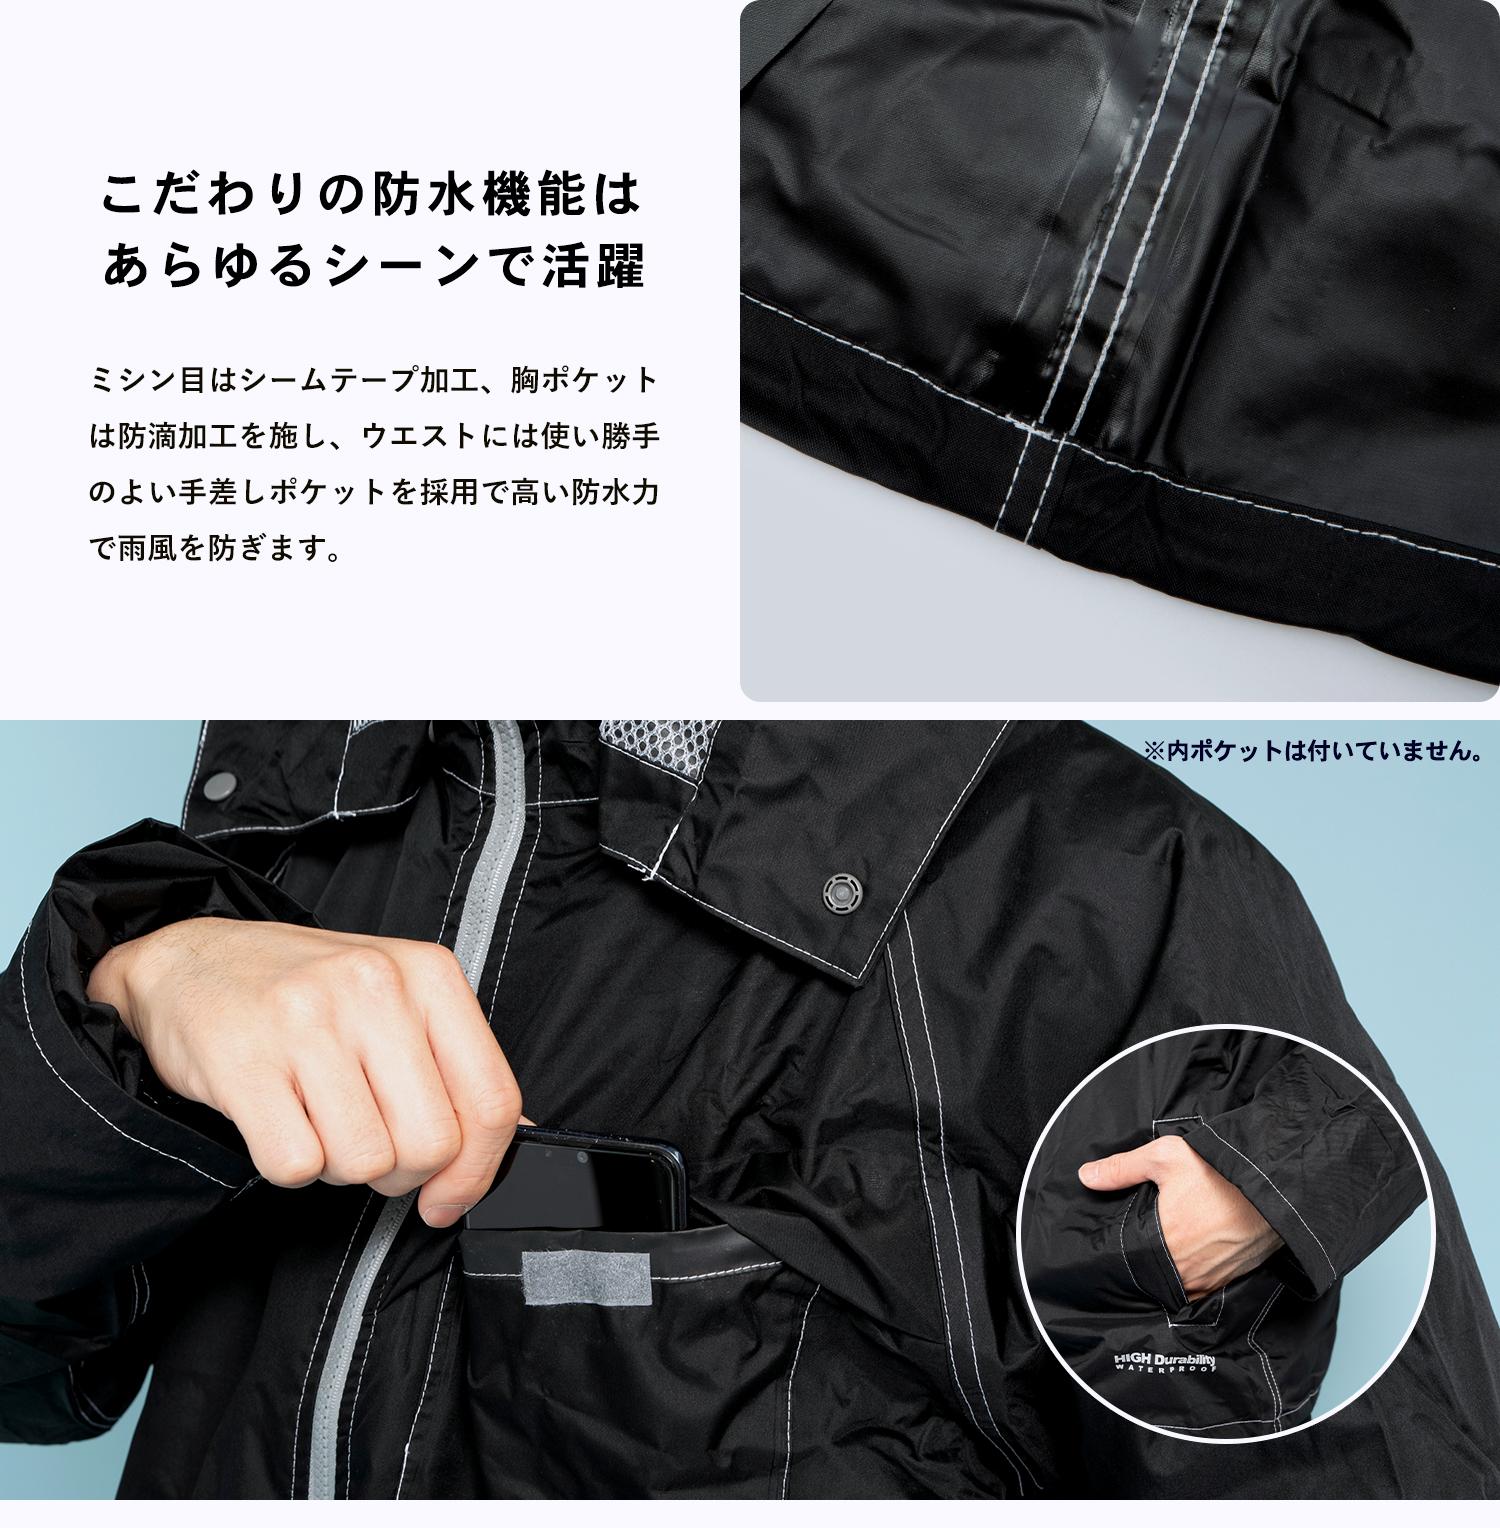 【 めちゃ早便 】◇ コーナン オリジナル 超撥水レインスーツ ミッドナイトブラック LL KN−007